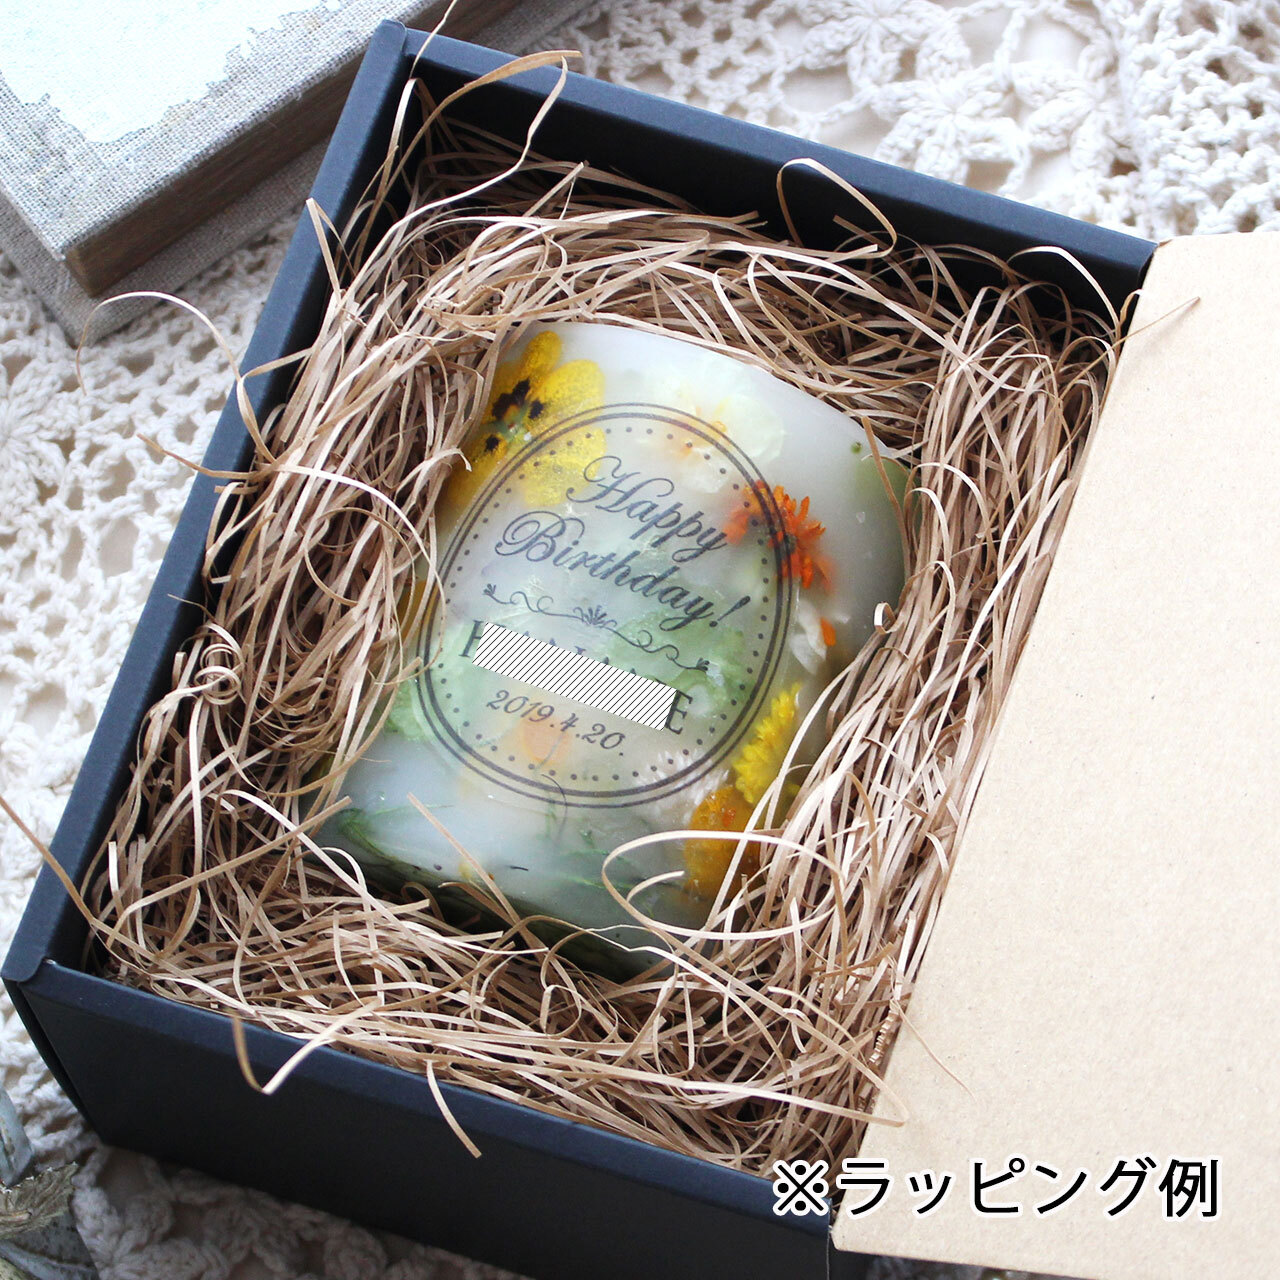 NC291 ギフトラッピング付き☆メッセージ&日付&名入れボタニカルキャンドル ガーデン